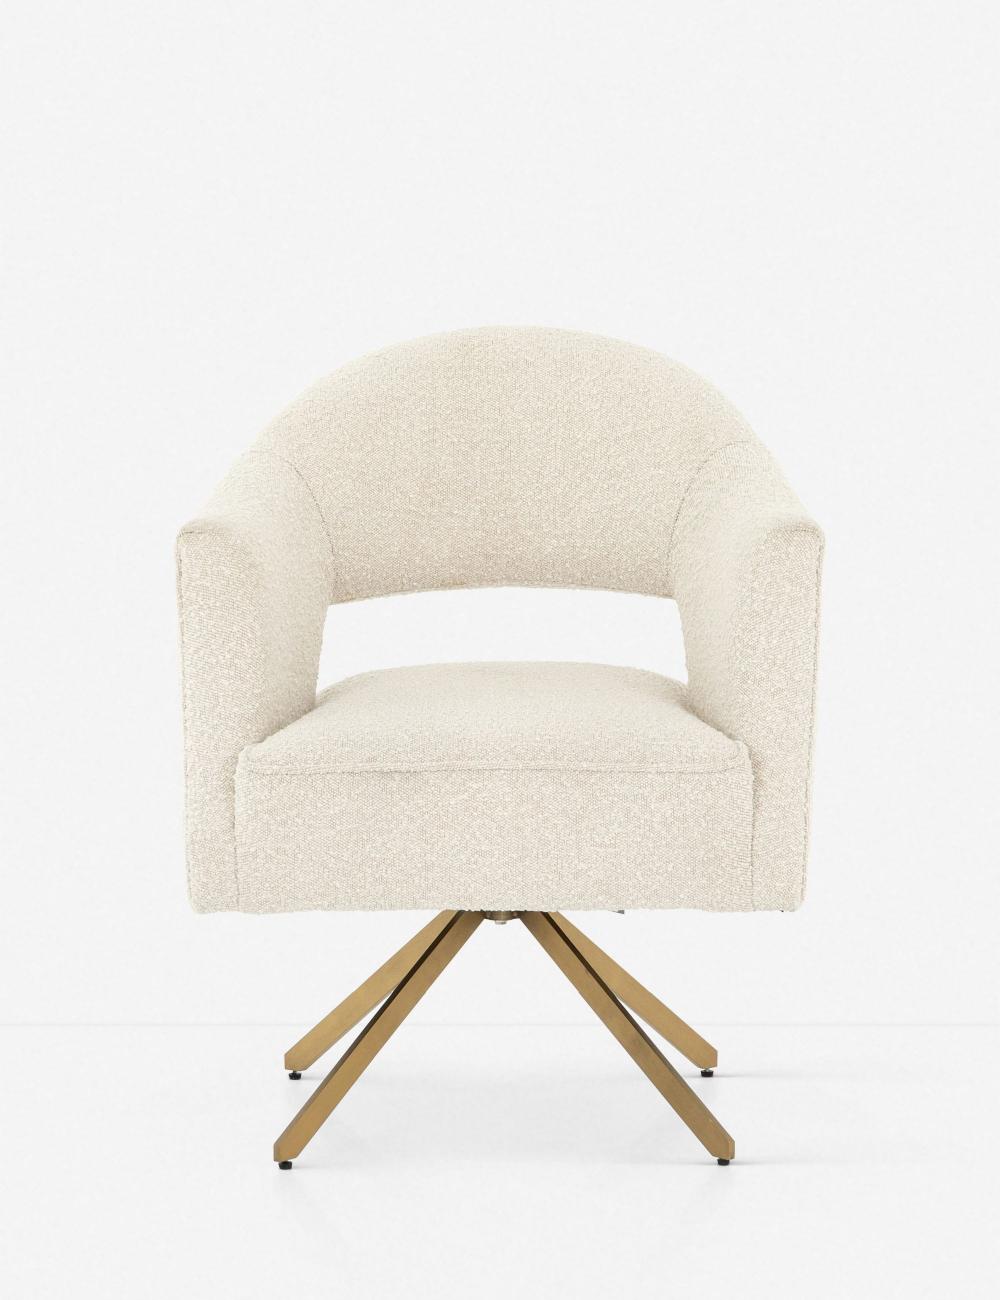 Amaris Office Chair  Desk chair, Stylish furniture, Unique